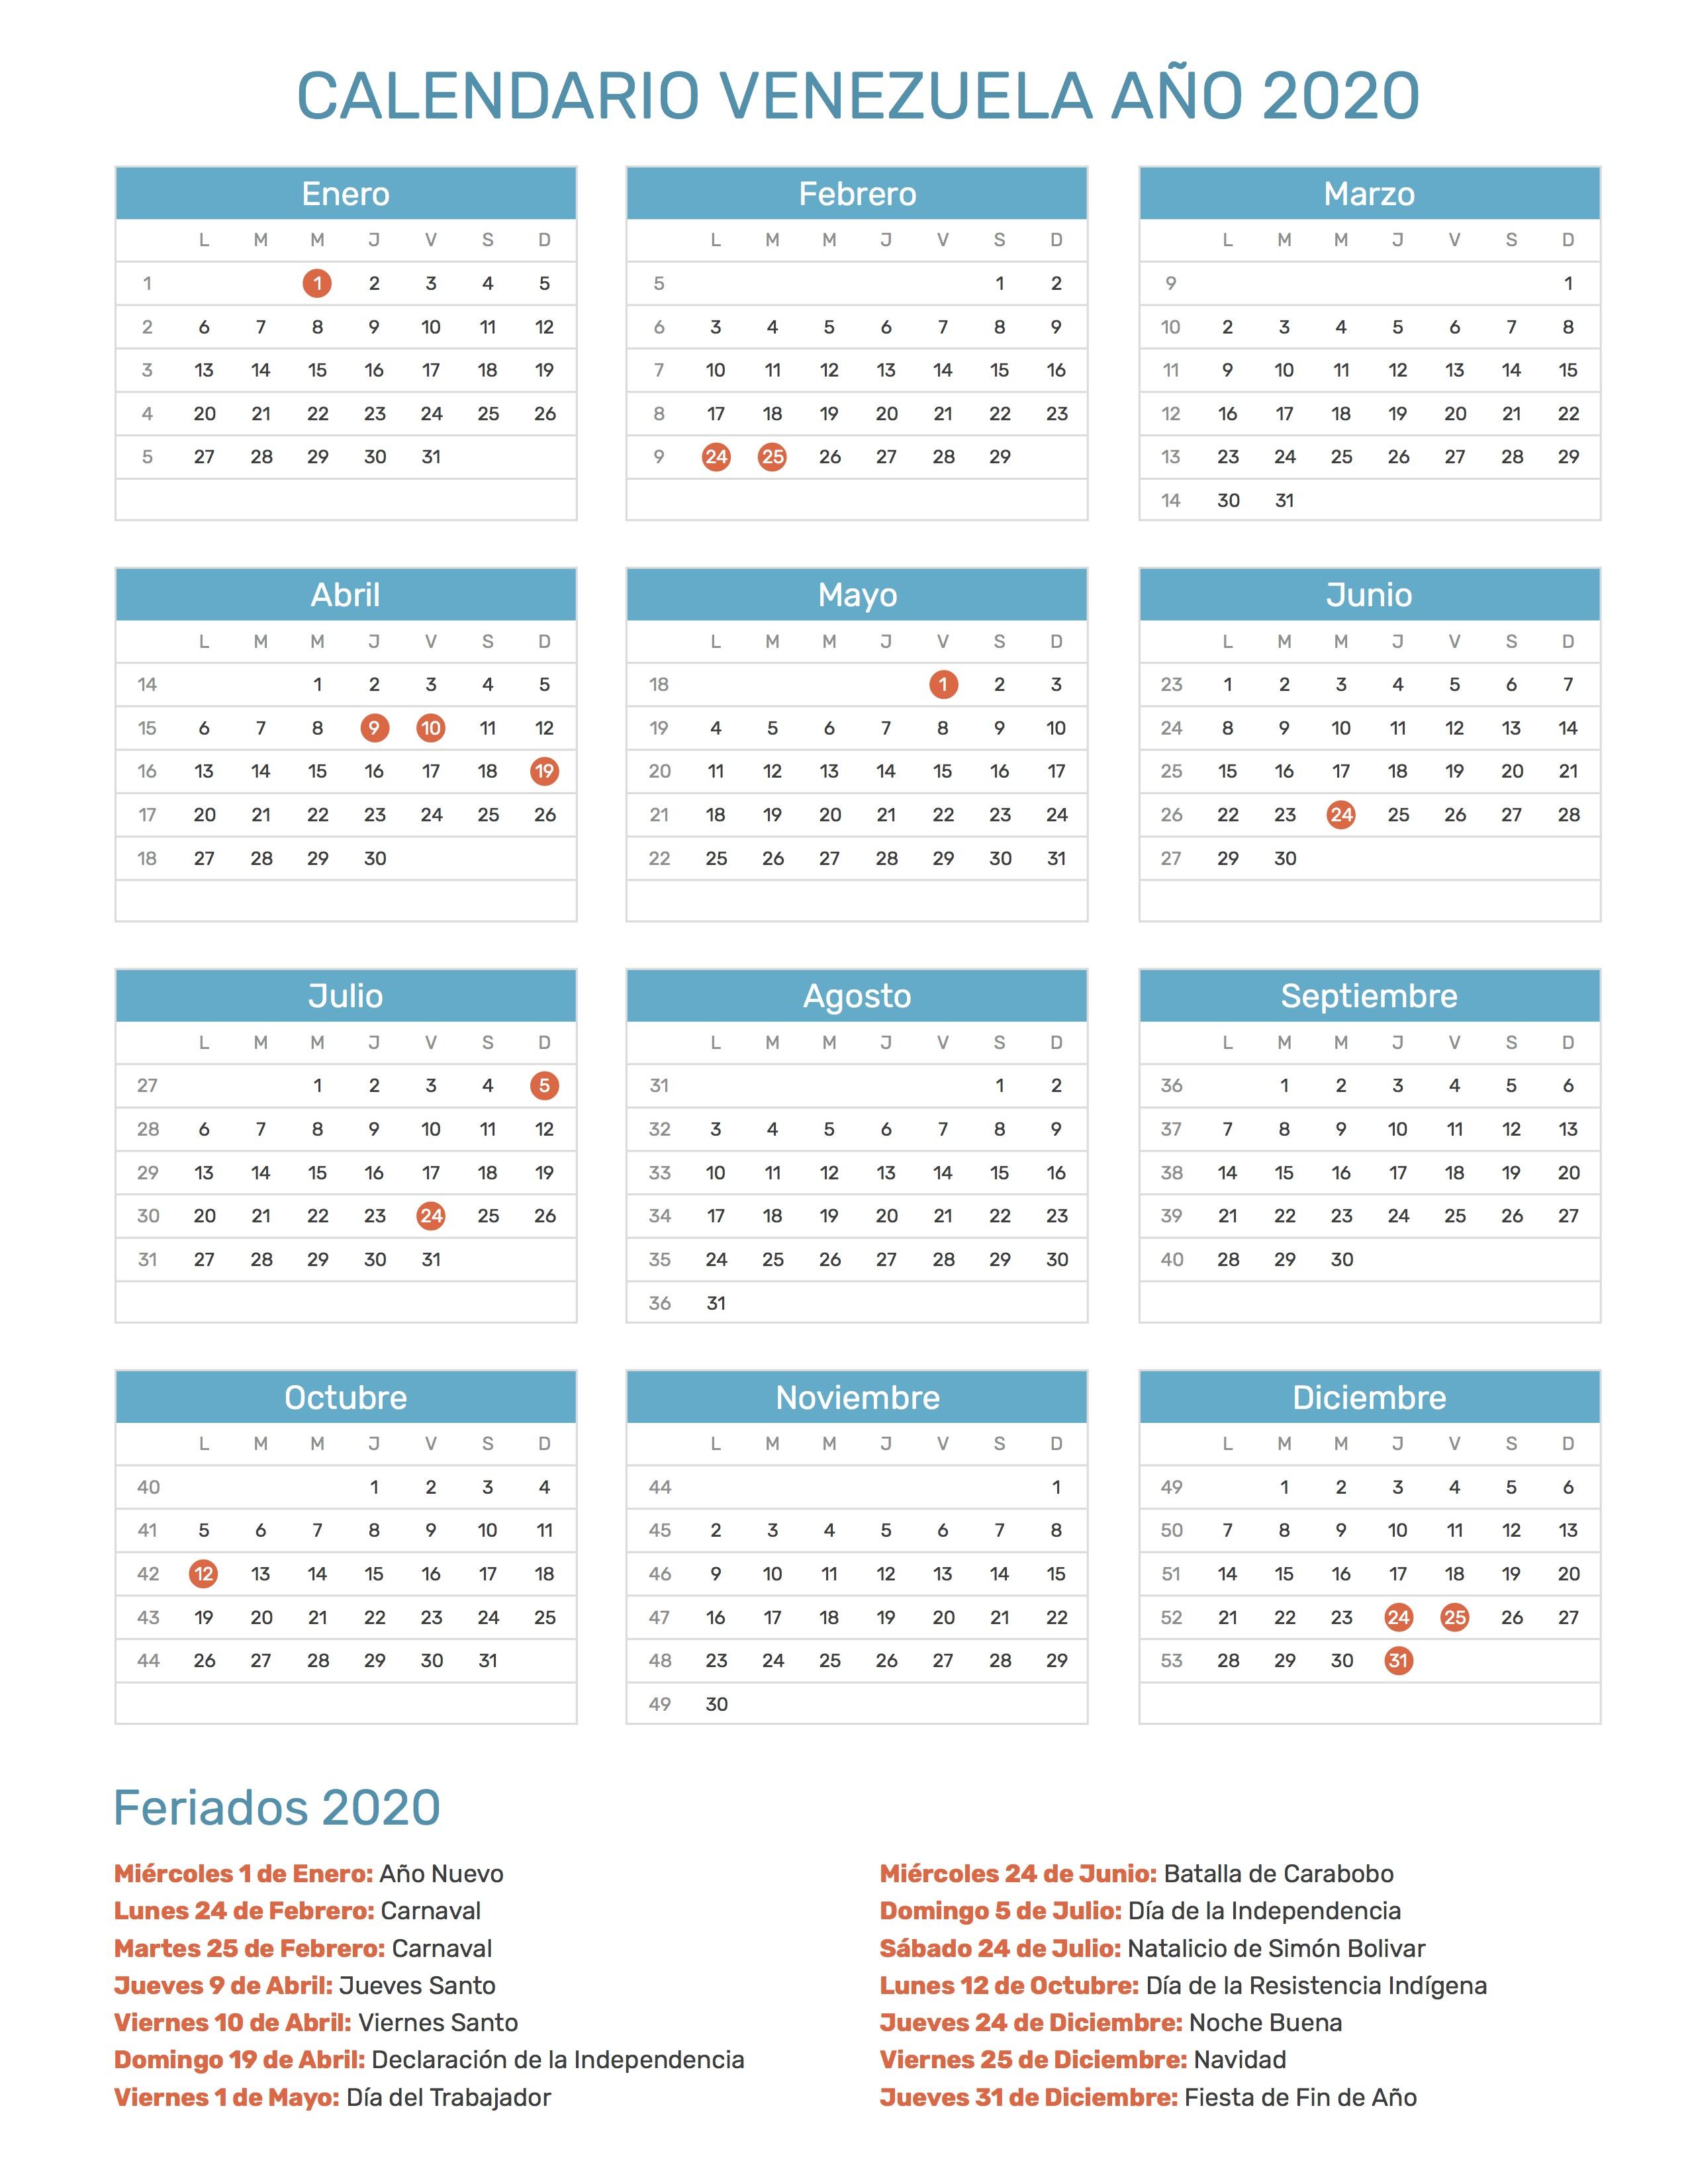 Calendario 2020 Portugues Com Feriados.Calendario De Venezuela Ano 2020 Feriados